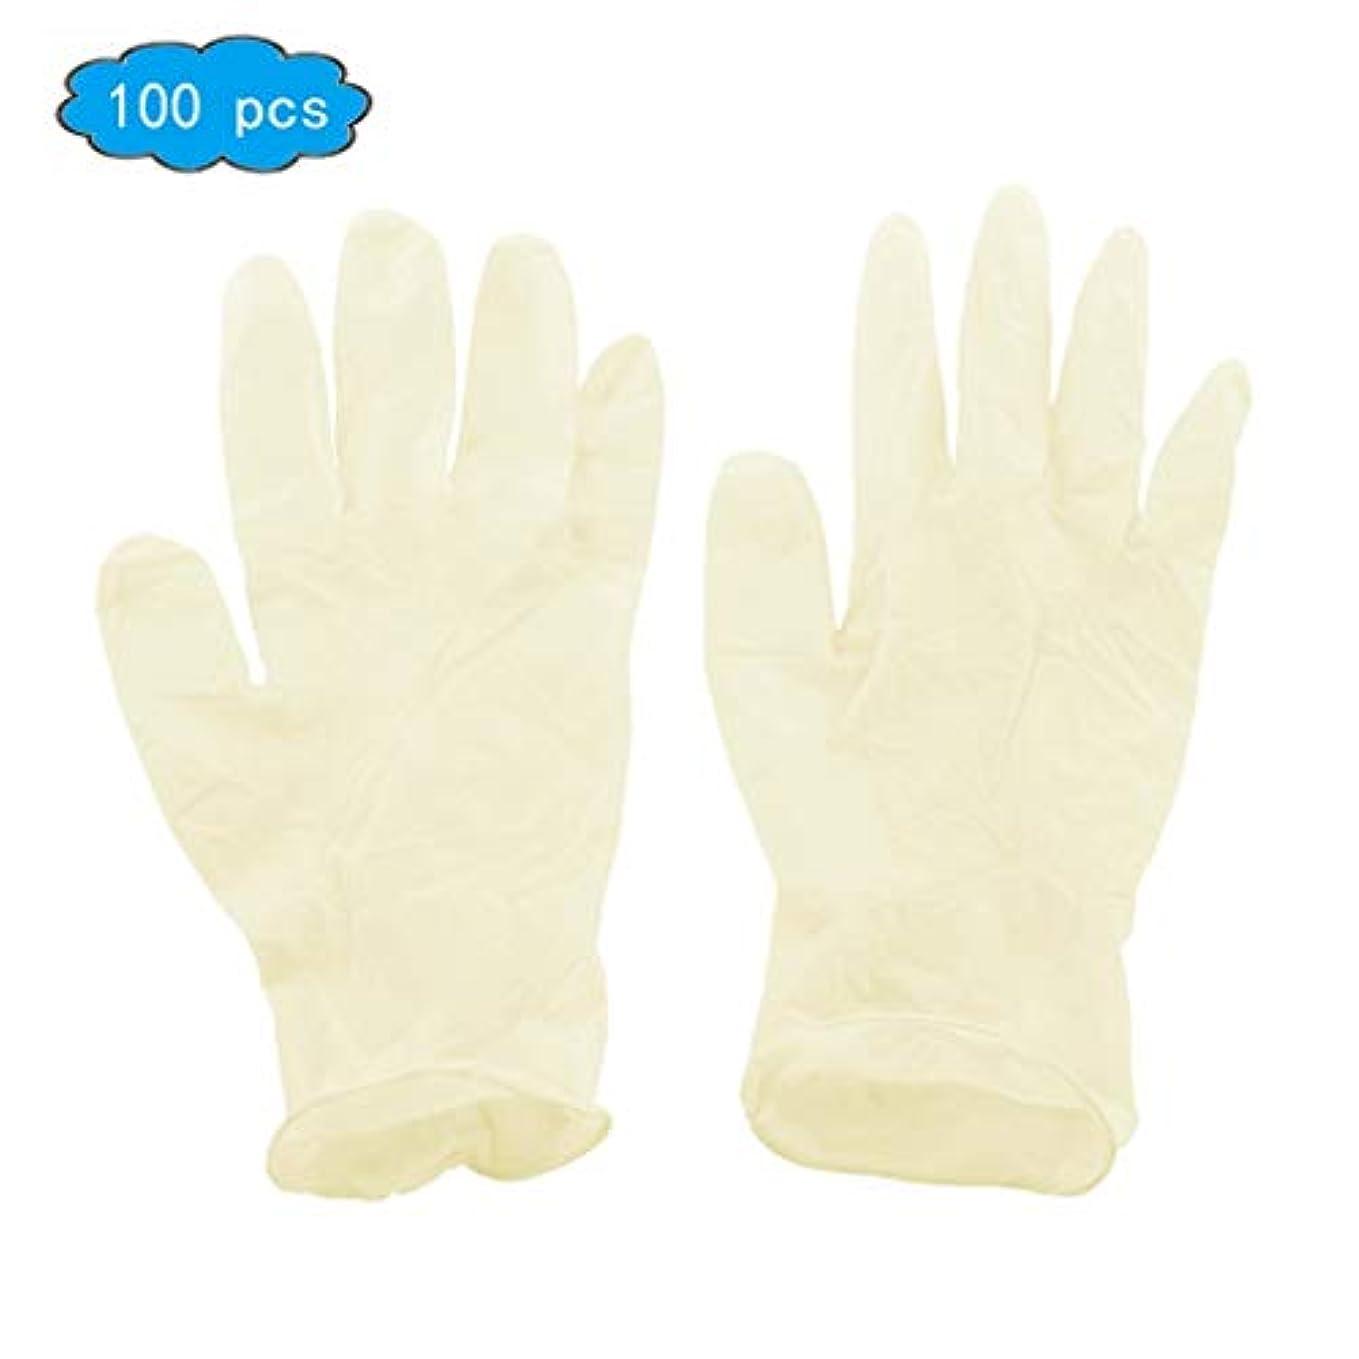 テラス柔らかいマイクロフォン使い捨て手袋 - 医療用、パウダーフリー、ラテックスゴム、使い捨て、非滅菌、食品安全、テクスチャード加工、(便利なディスペンサーパック100)、中サイズ、応急処置用品 (Color : Beige, Size : M)